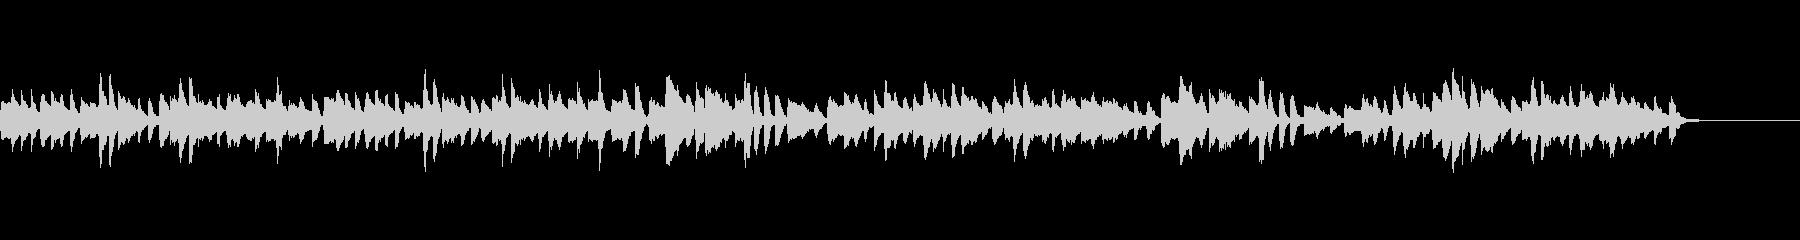 シューマンのピアノ曲「楽しき農夫」の未再生の波形